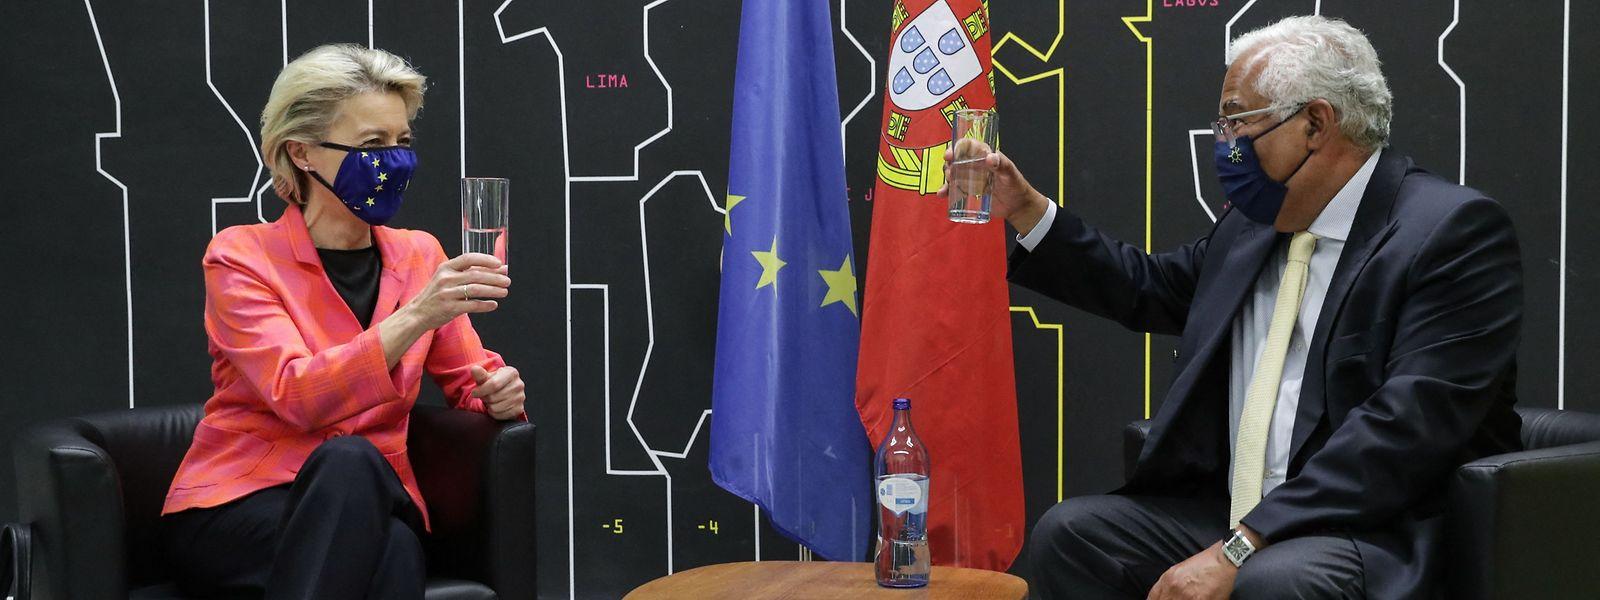 A presidente da Comissão Europeia, von der Leyen, e o primeiro-ministro, António Costa, após a aprovação do Plano de Recuperação e Resiliência para Portugal.